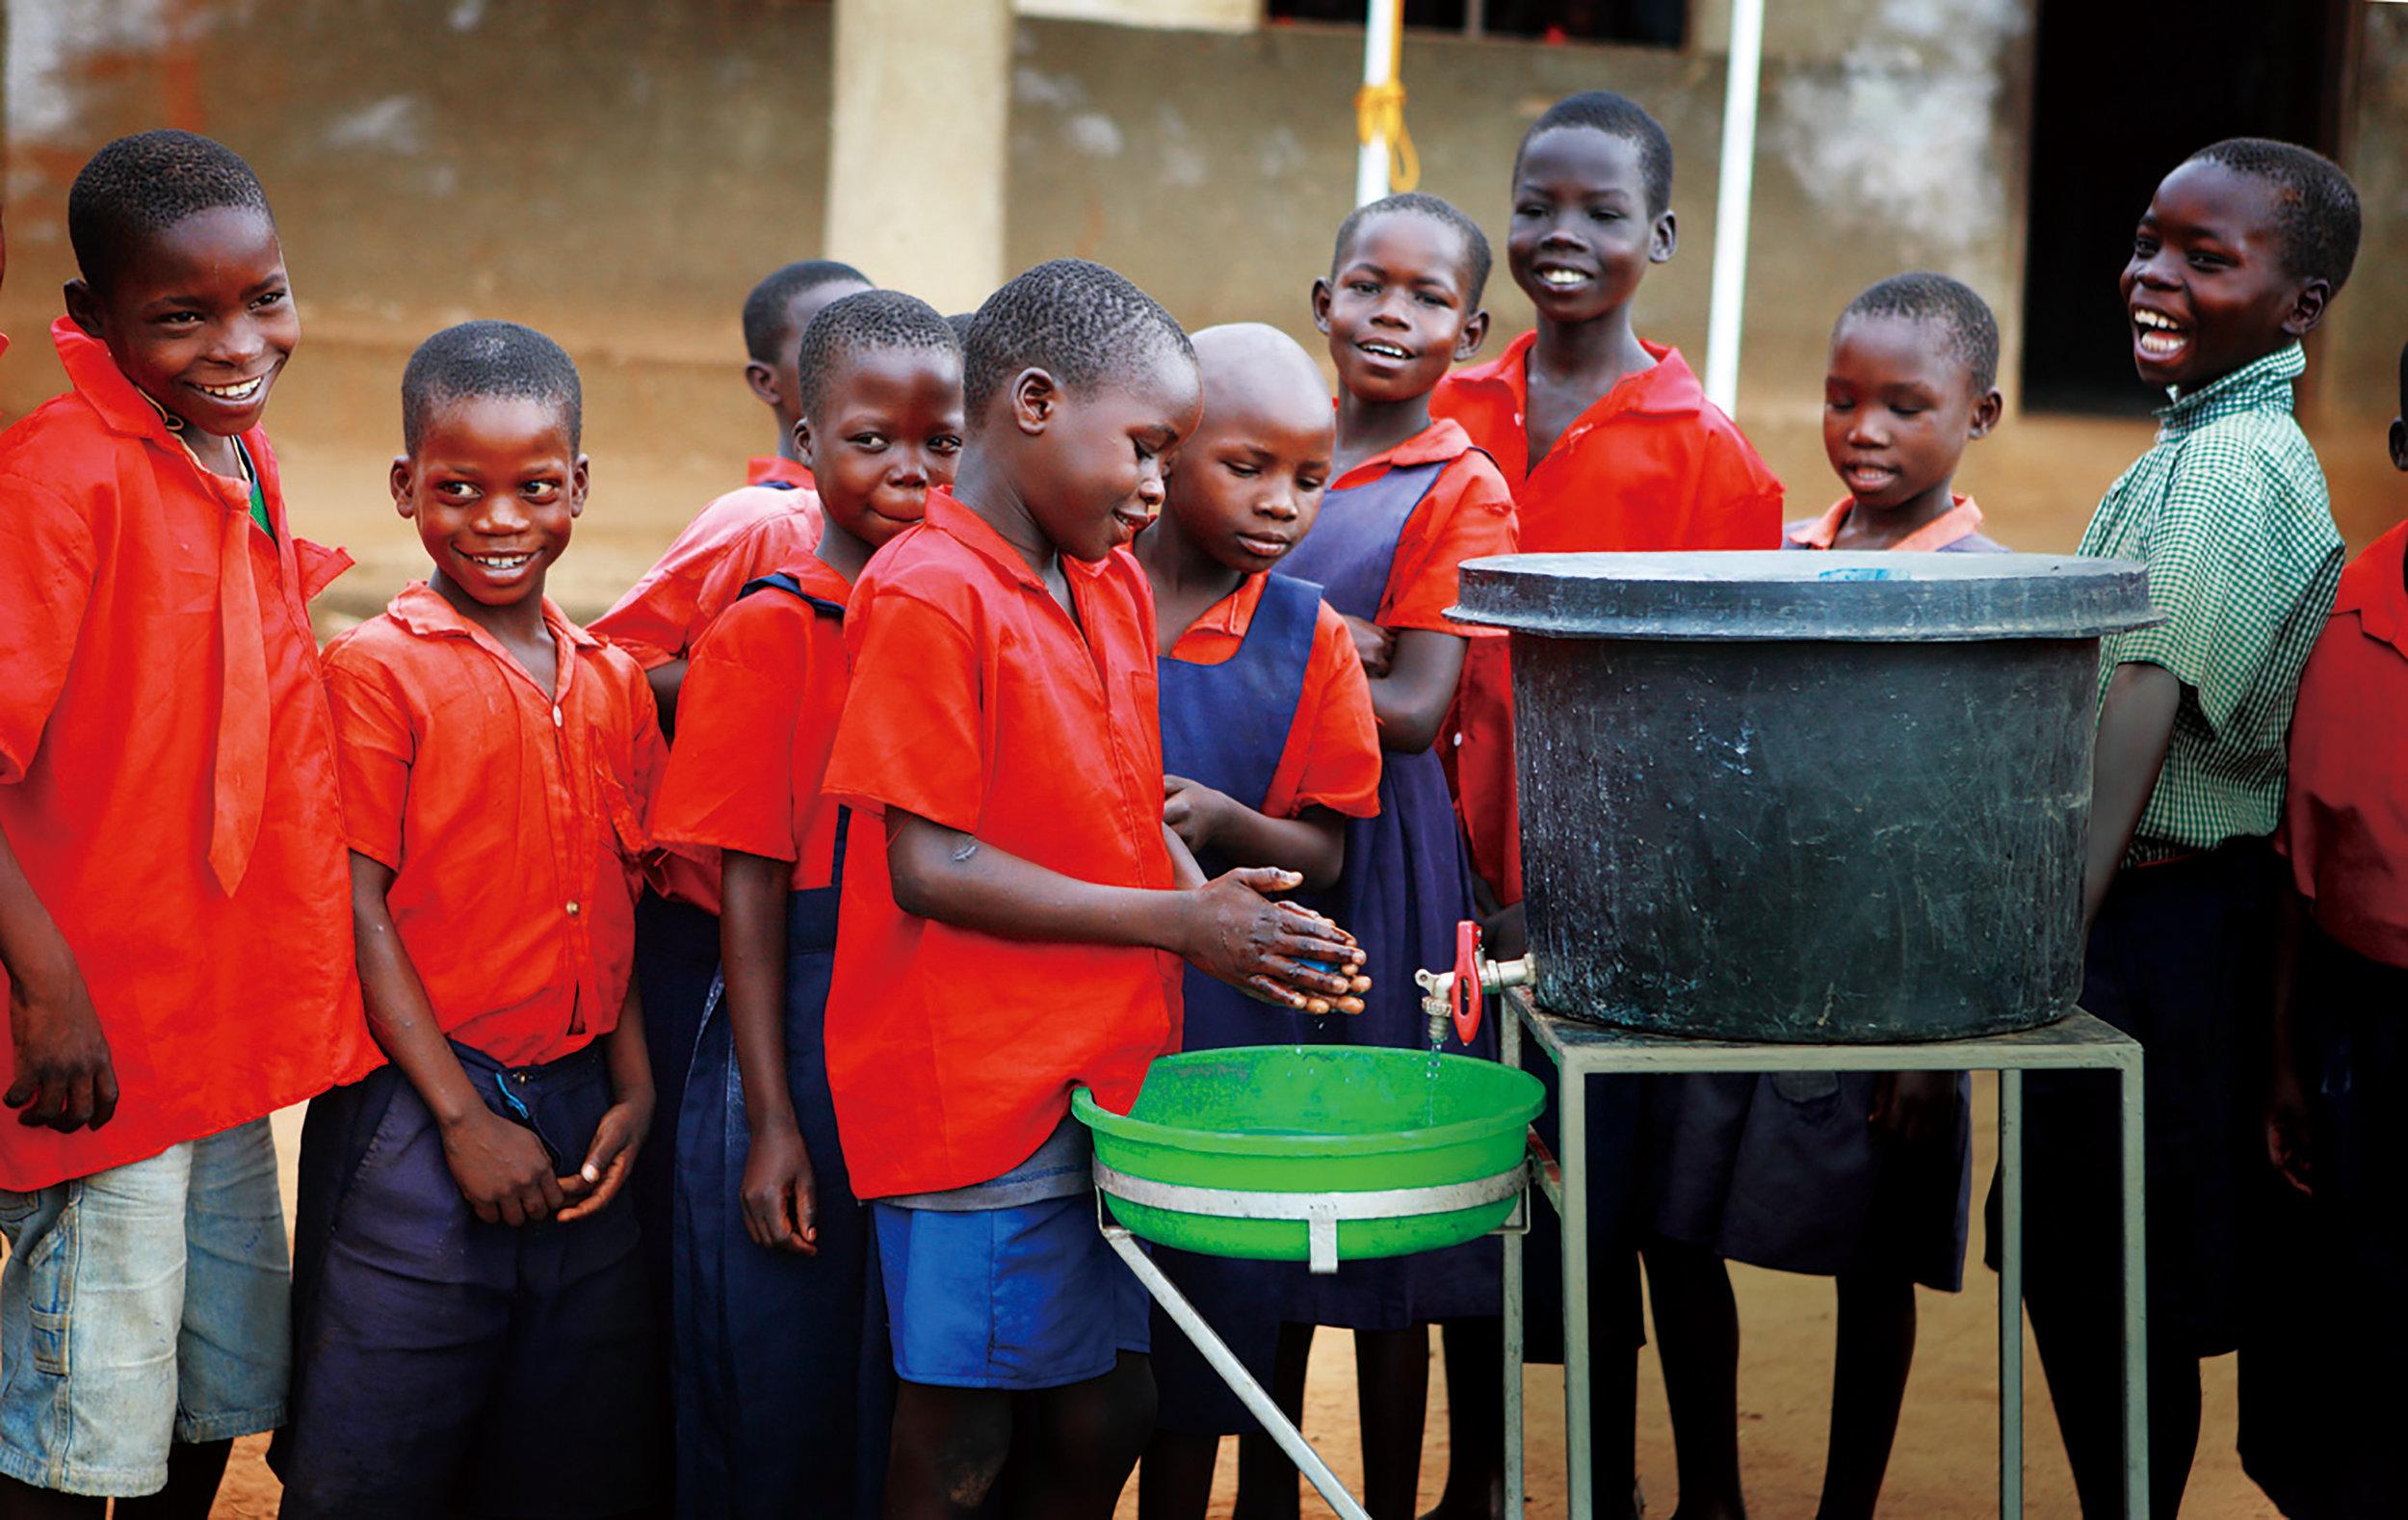 サラヤでは2010年からアフリカ・ウガンダで衛生環境の改善と、手洗いの普及啓発に取り組んでいる